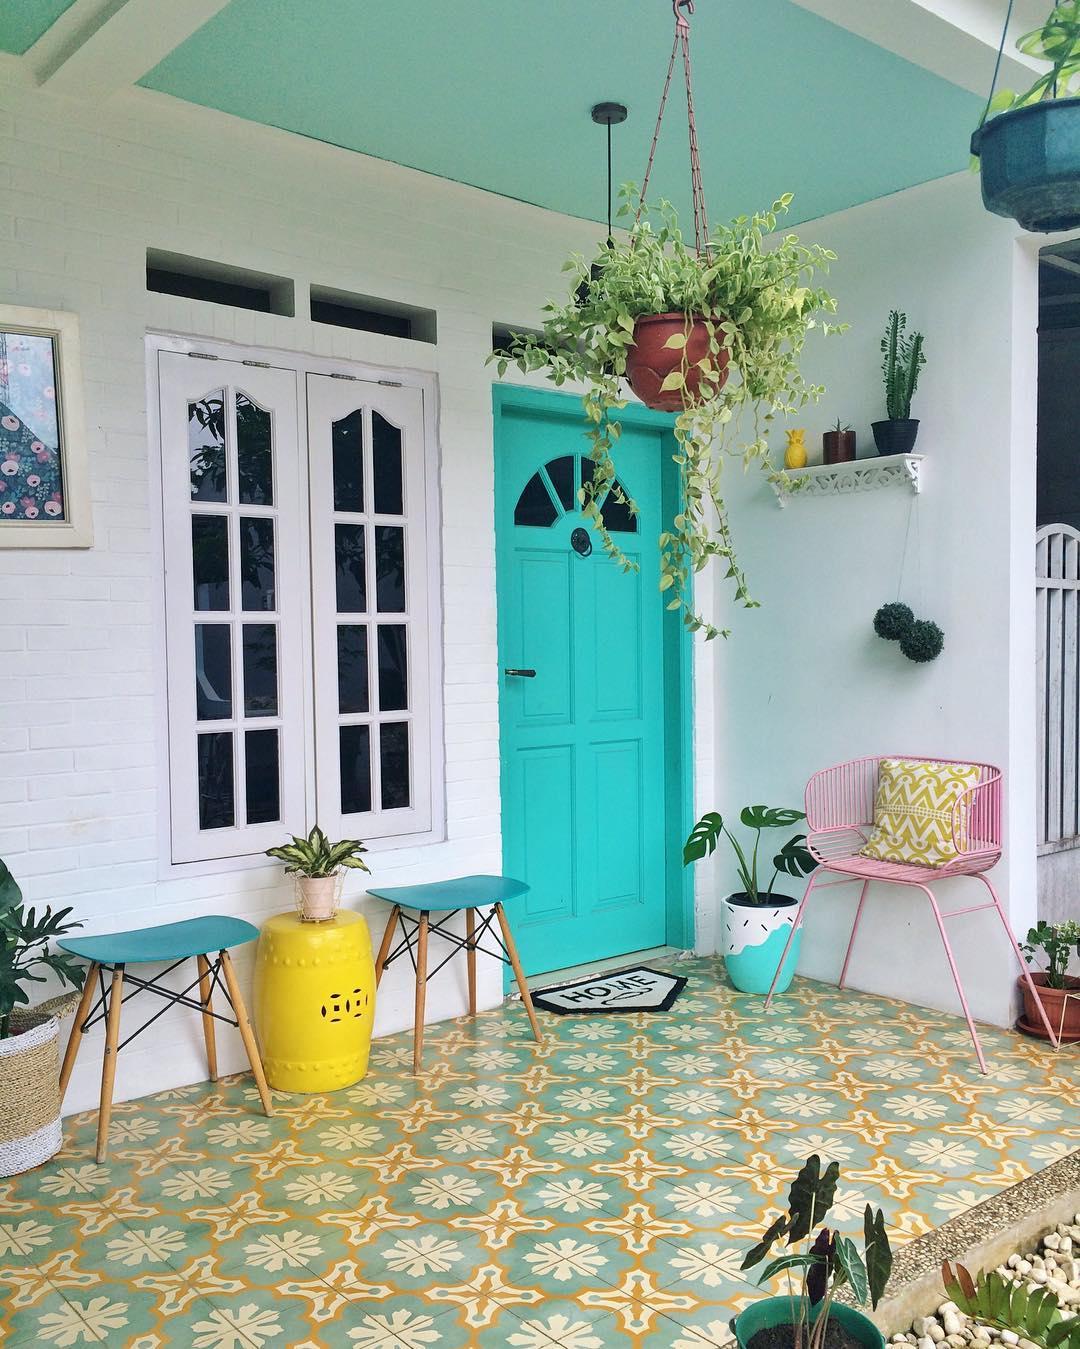 Baru 26+ Warna Keramik Rumah Cantik